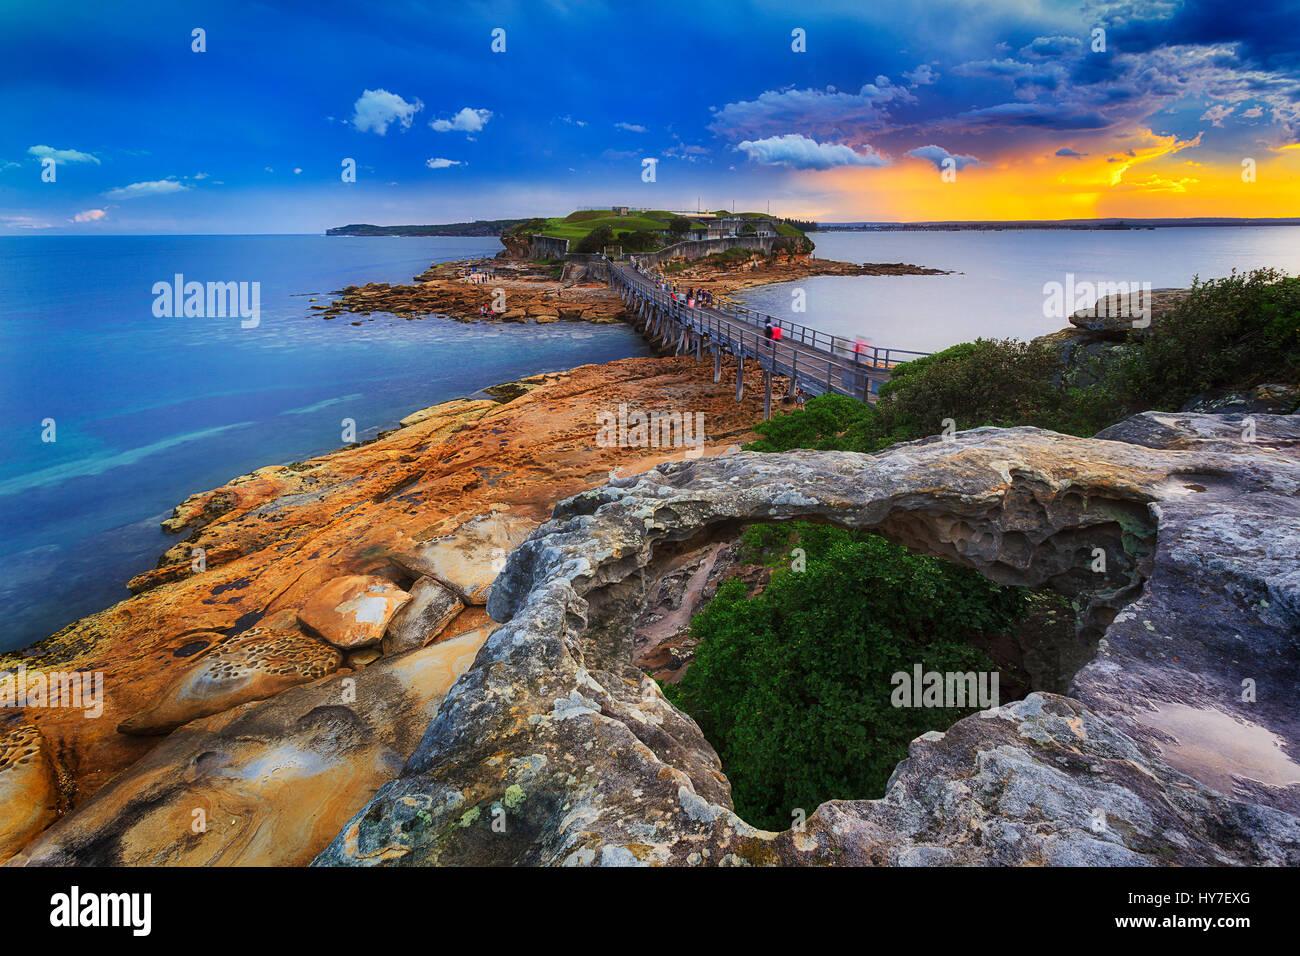 Colorido atardecer en Ciudadela en la isla desnuda en Sydney's Botany Bay área costera. Stormy weather Imagen De Stock